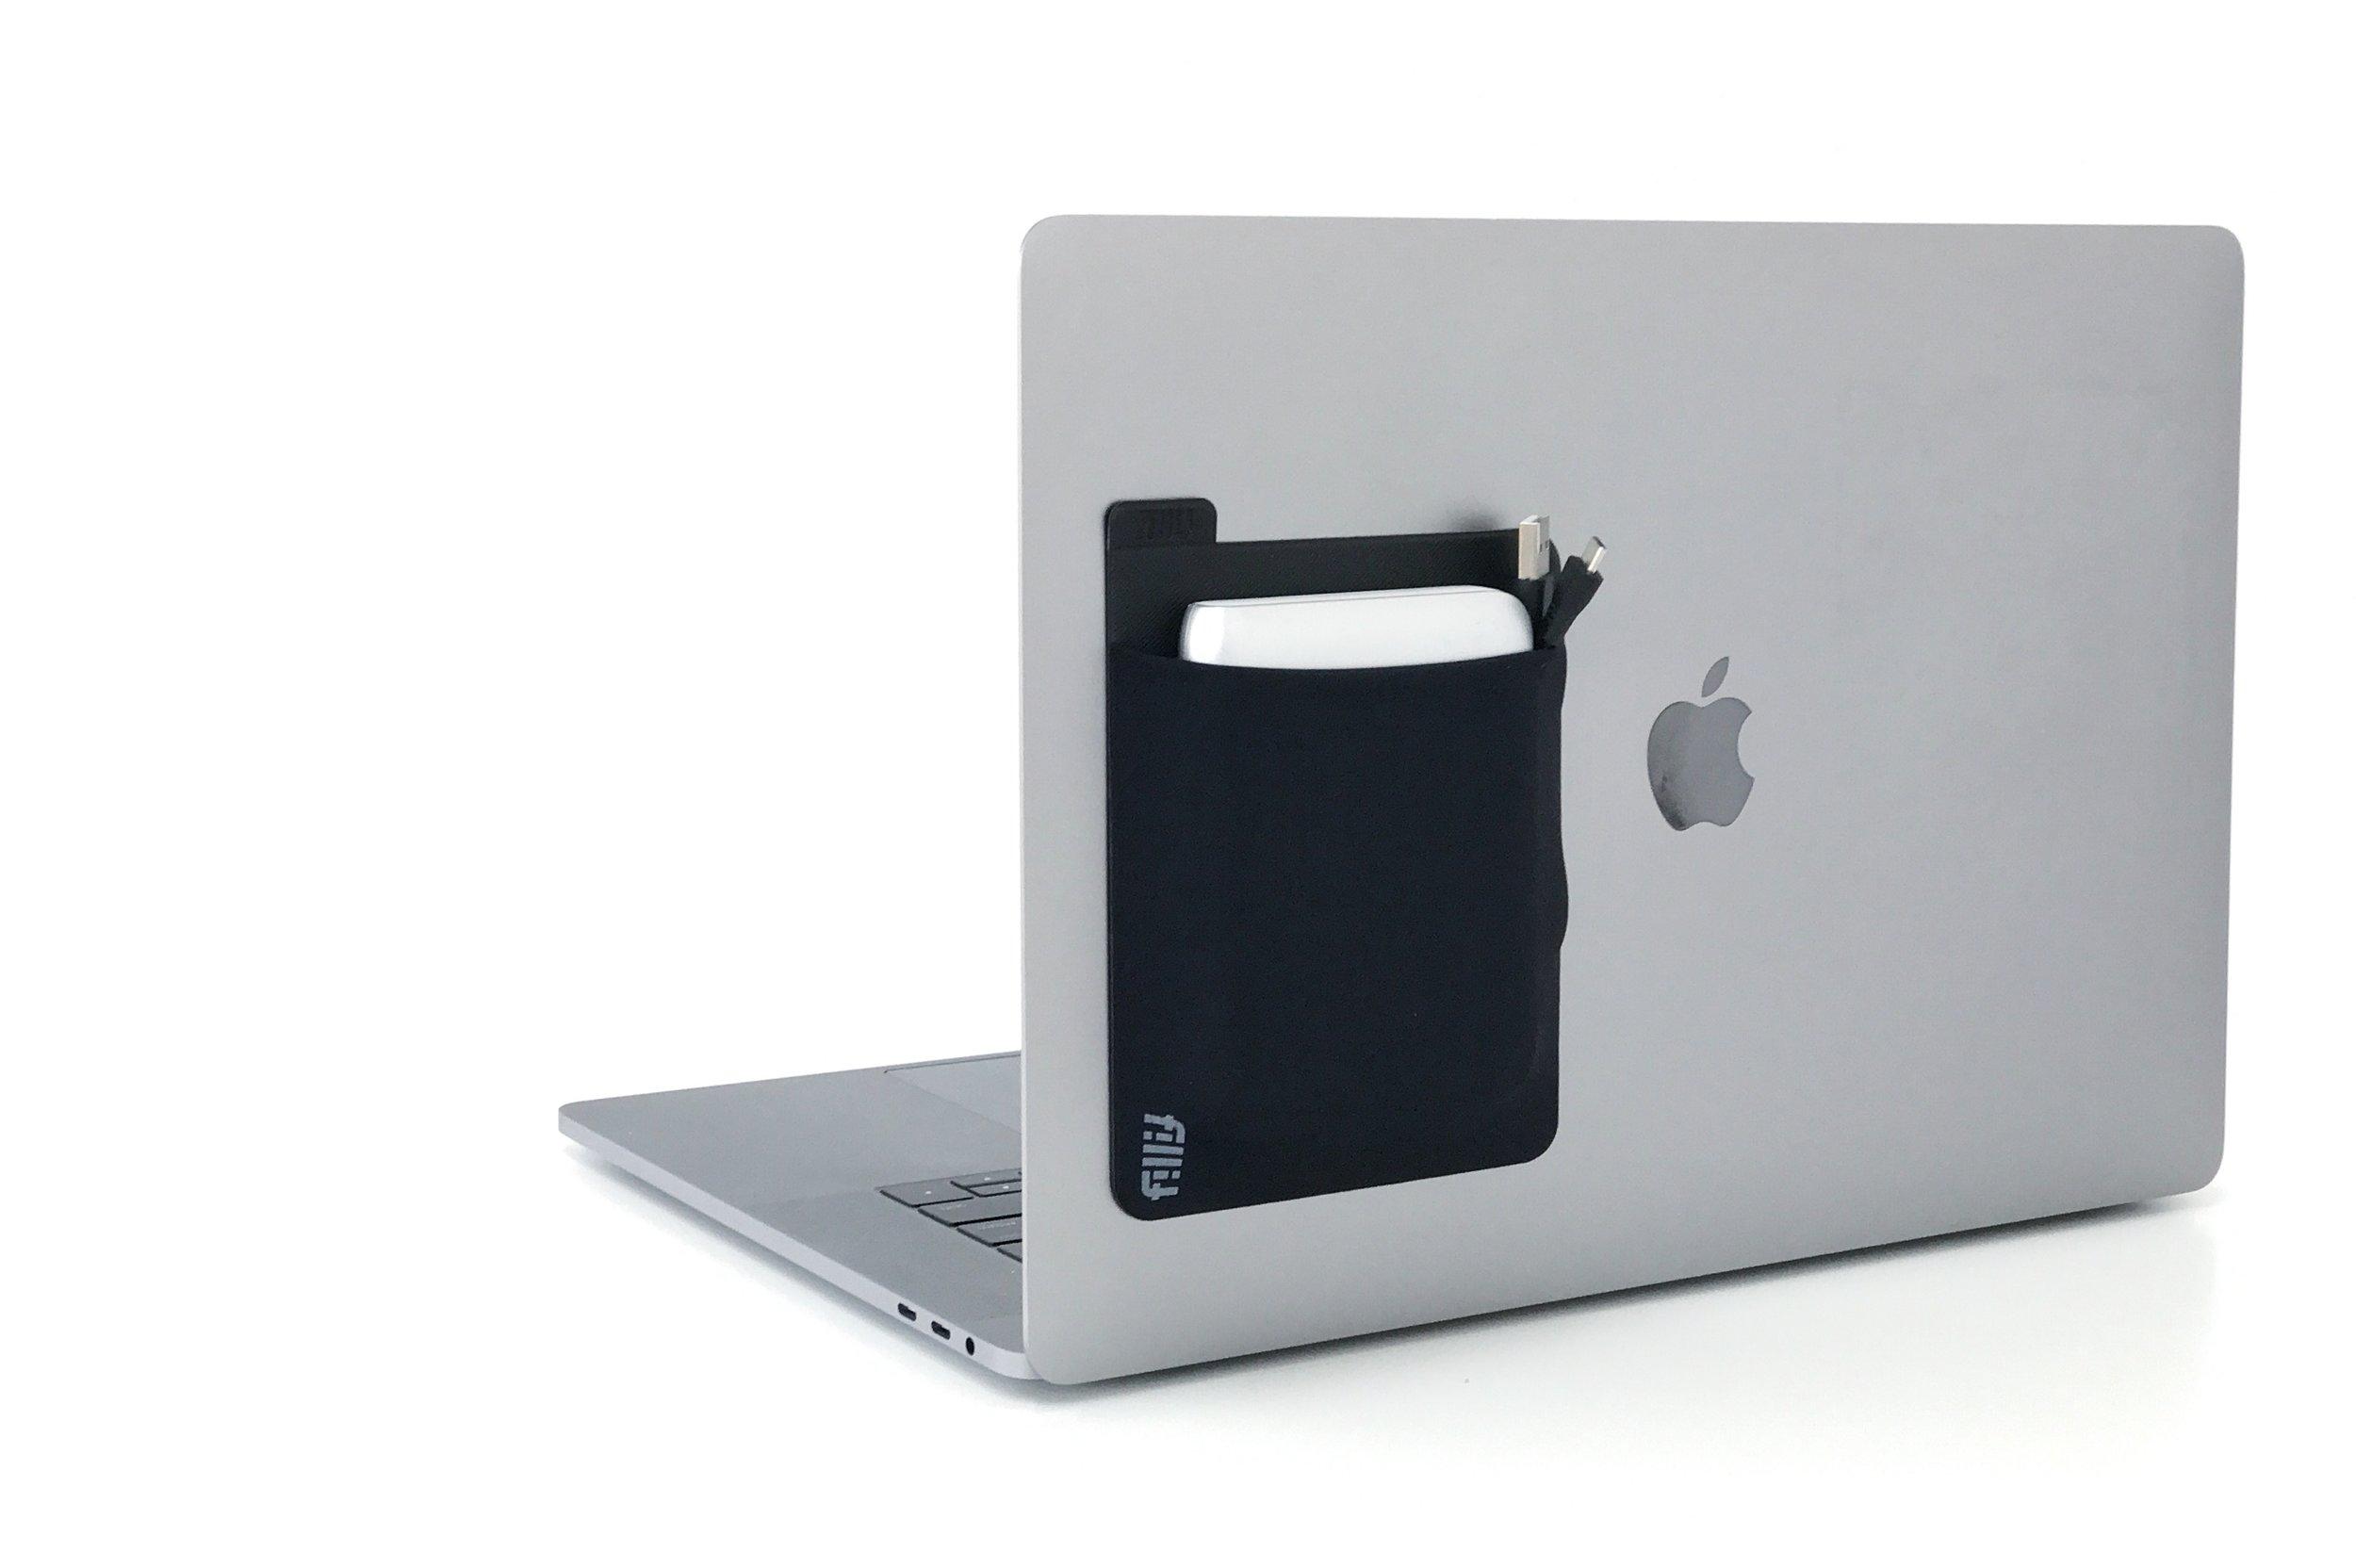 FillitPocket_Macbook_HardDrive